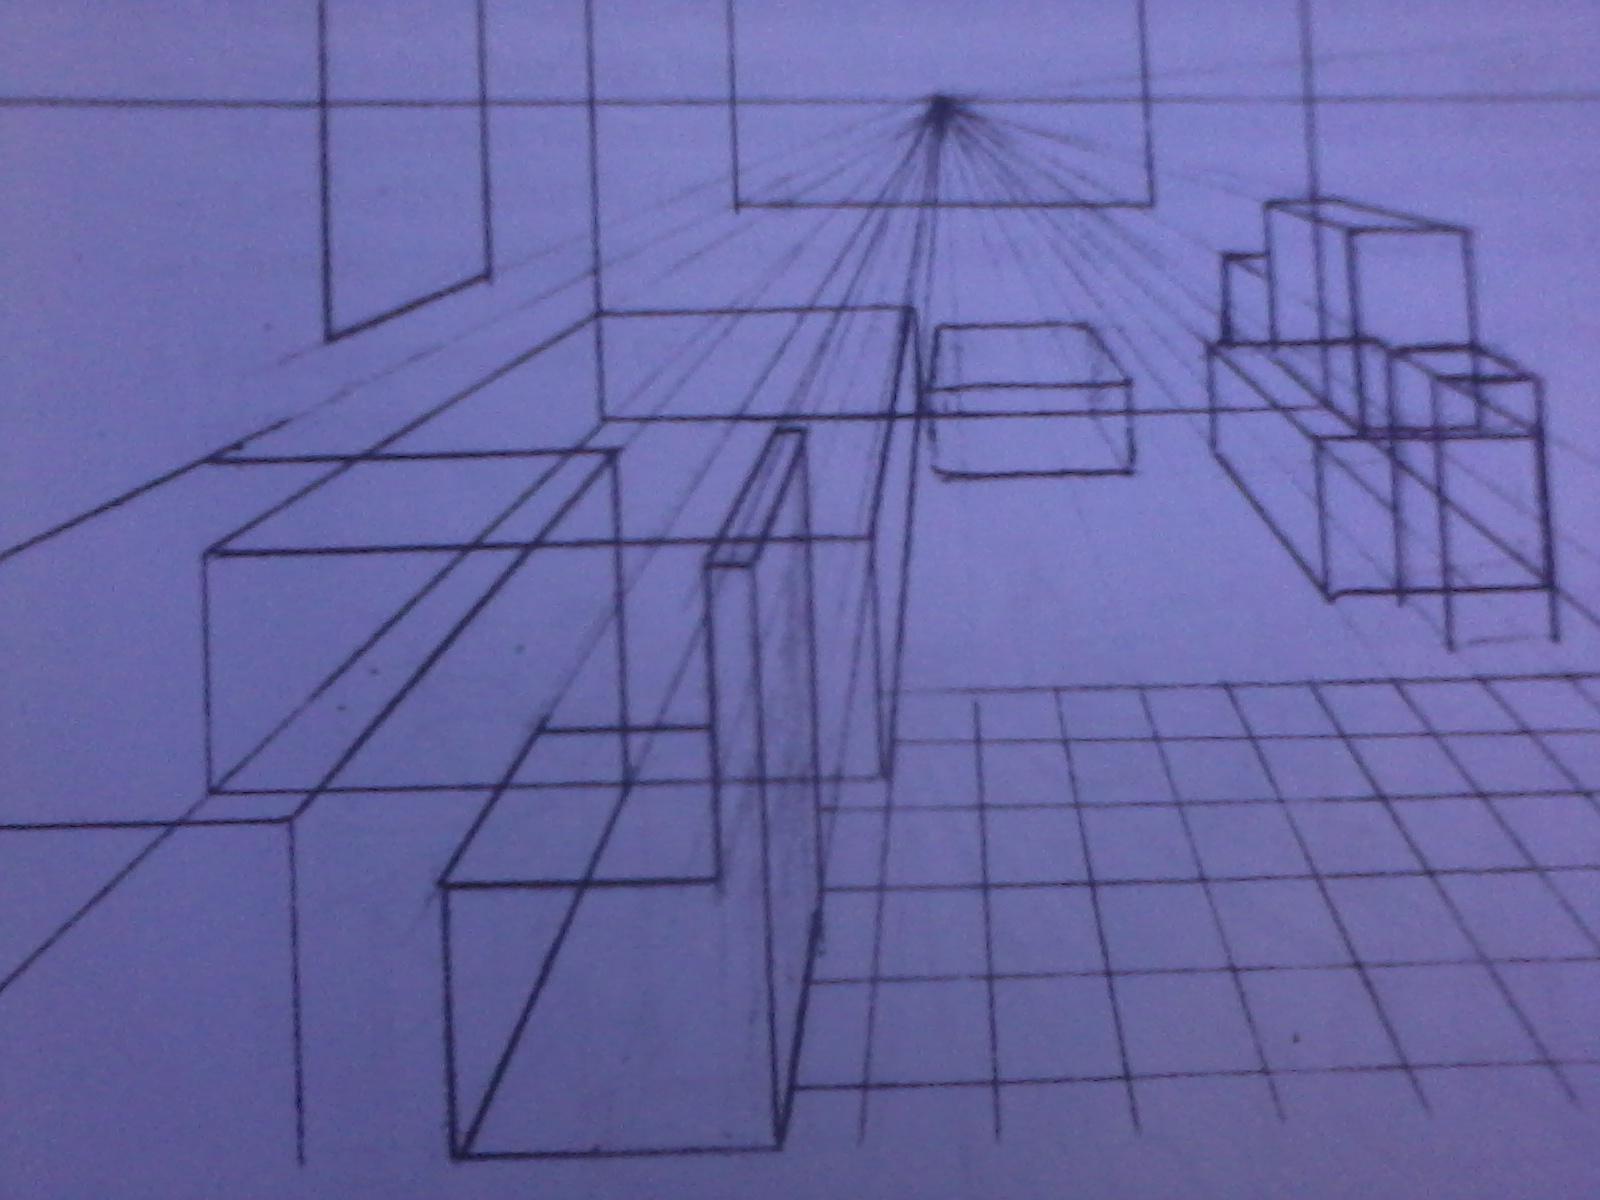 Download Gambar Ruang Sketsa Sudut Kotak Aja